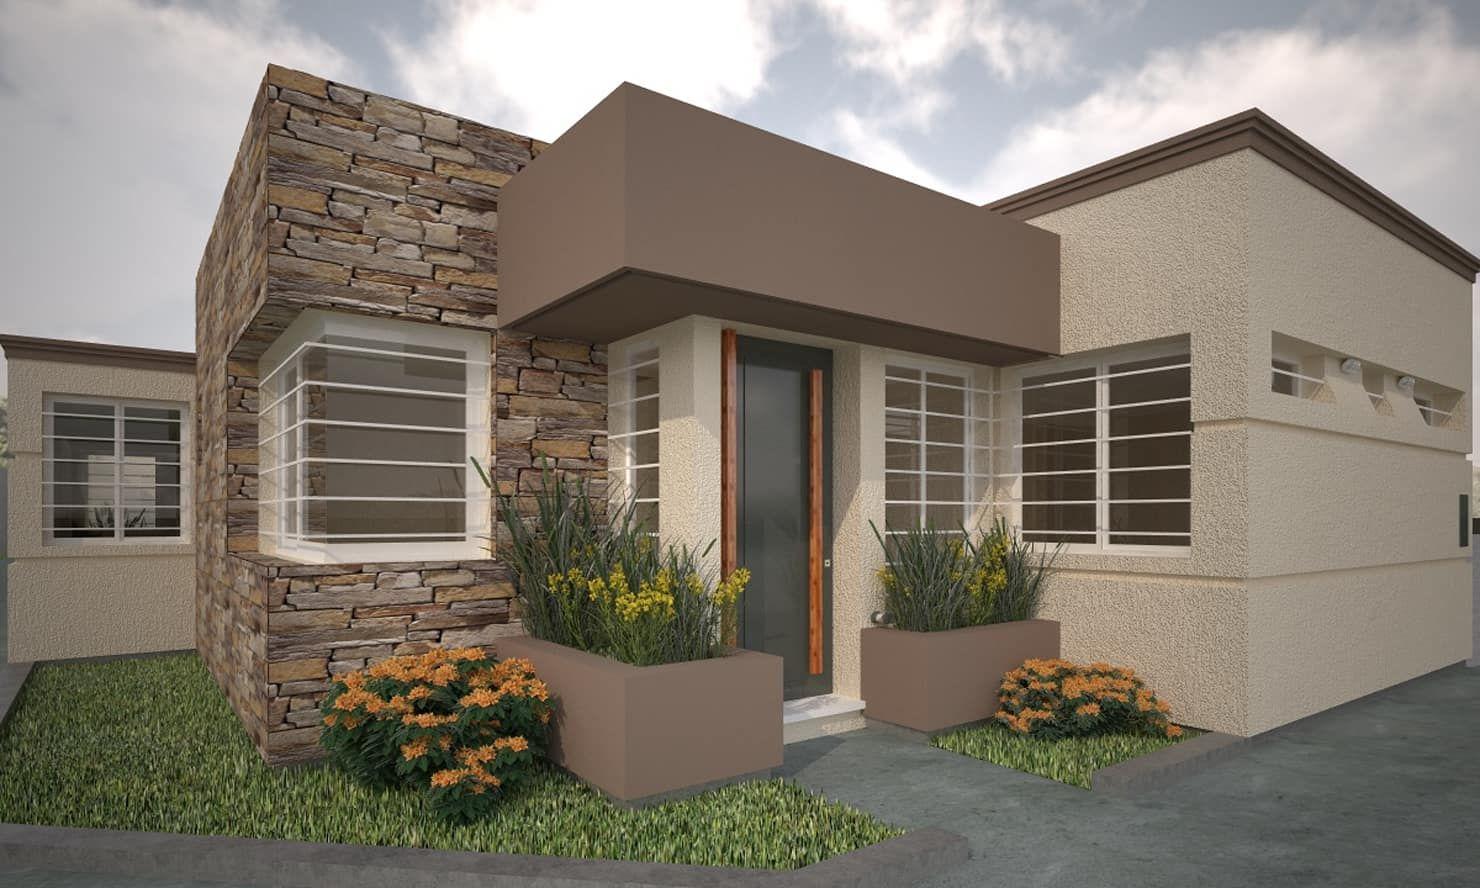 Vivienda En San Martin Casas Modernas Ideas Imagenes Y